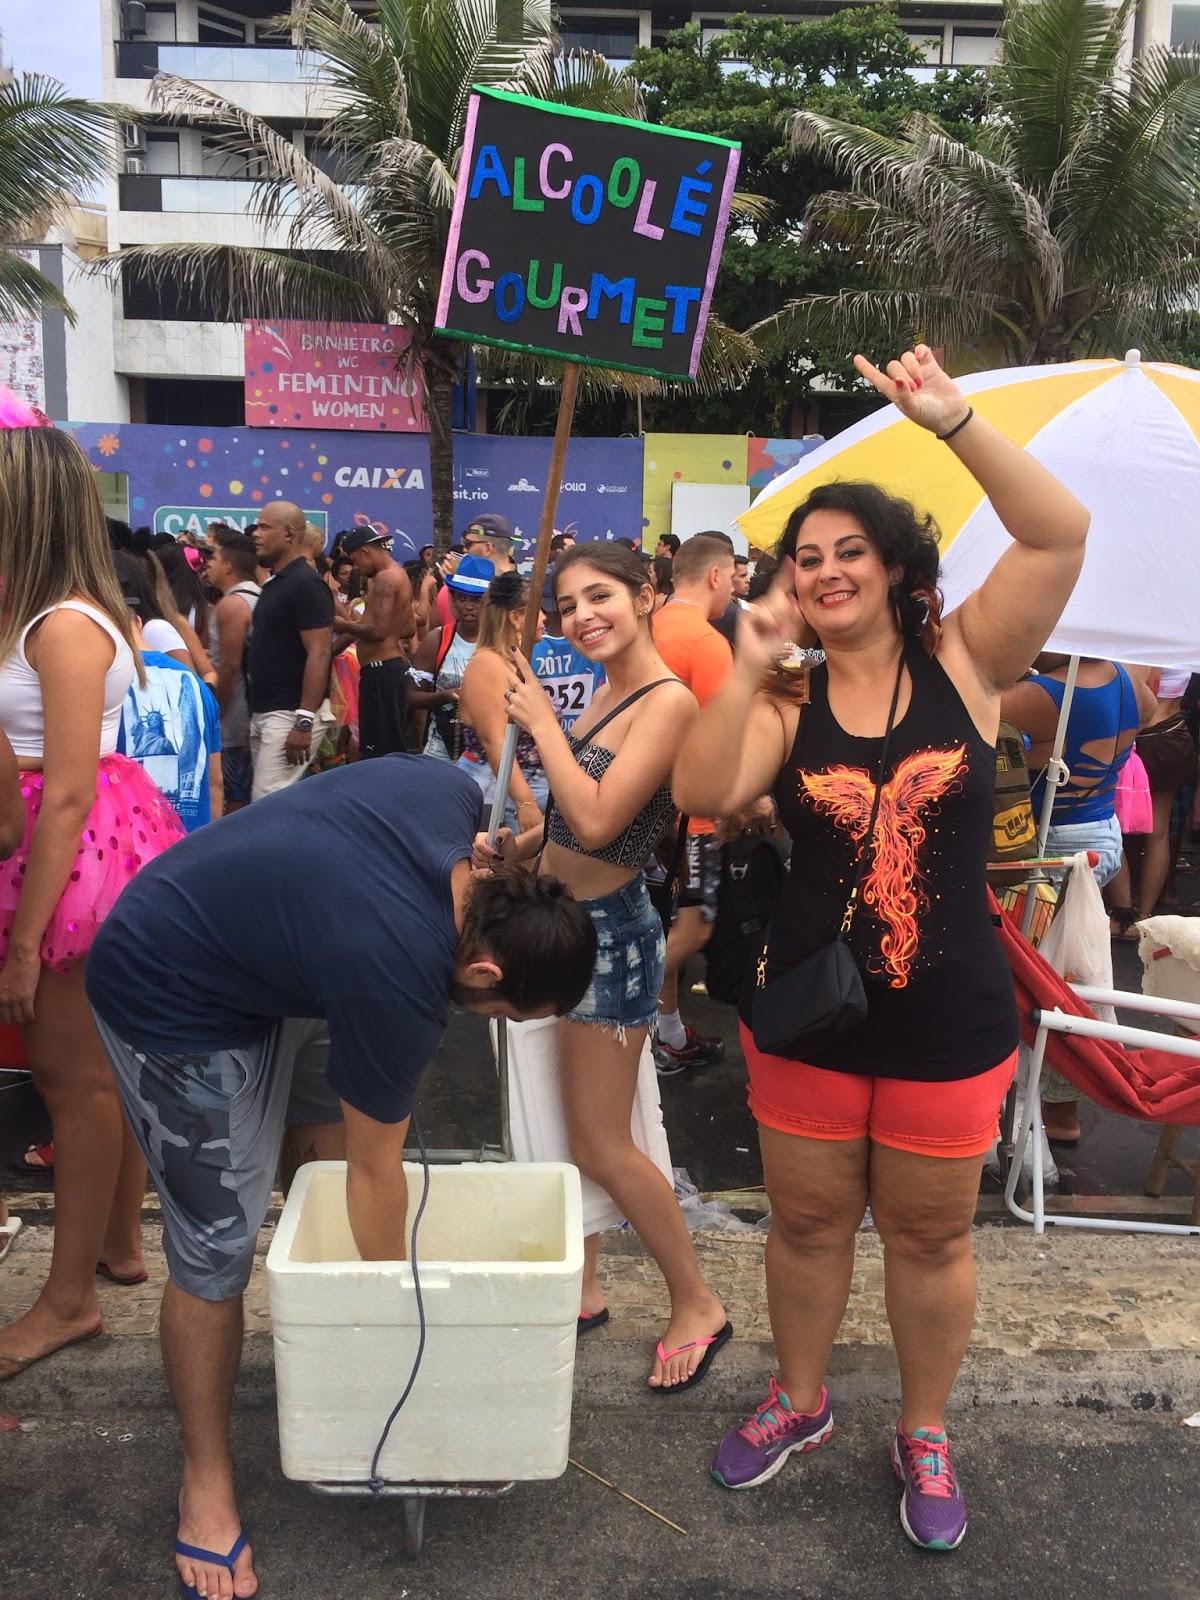 juntando mochilas o carnaval de rua do rio de janeiro